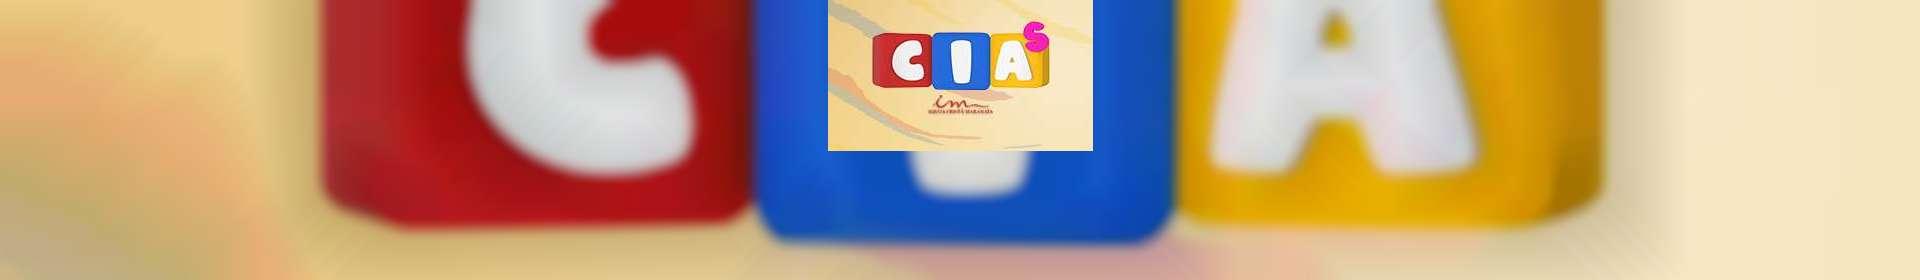 Aula de CIAS: classe de 0 a 3 anos - 30 de abril de 2020